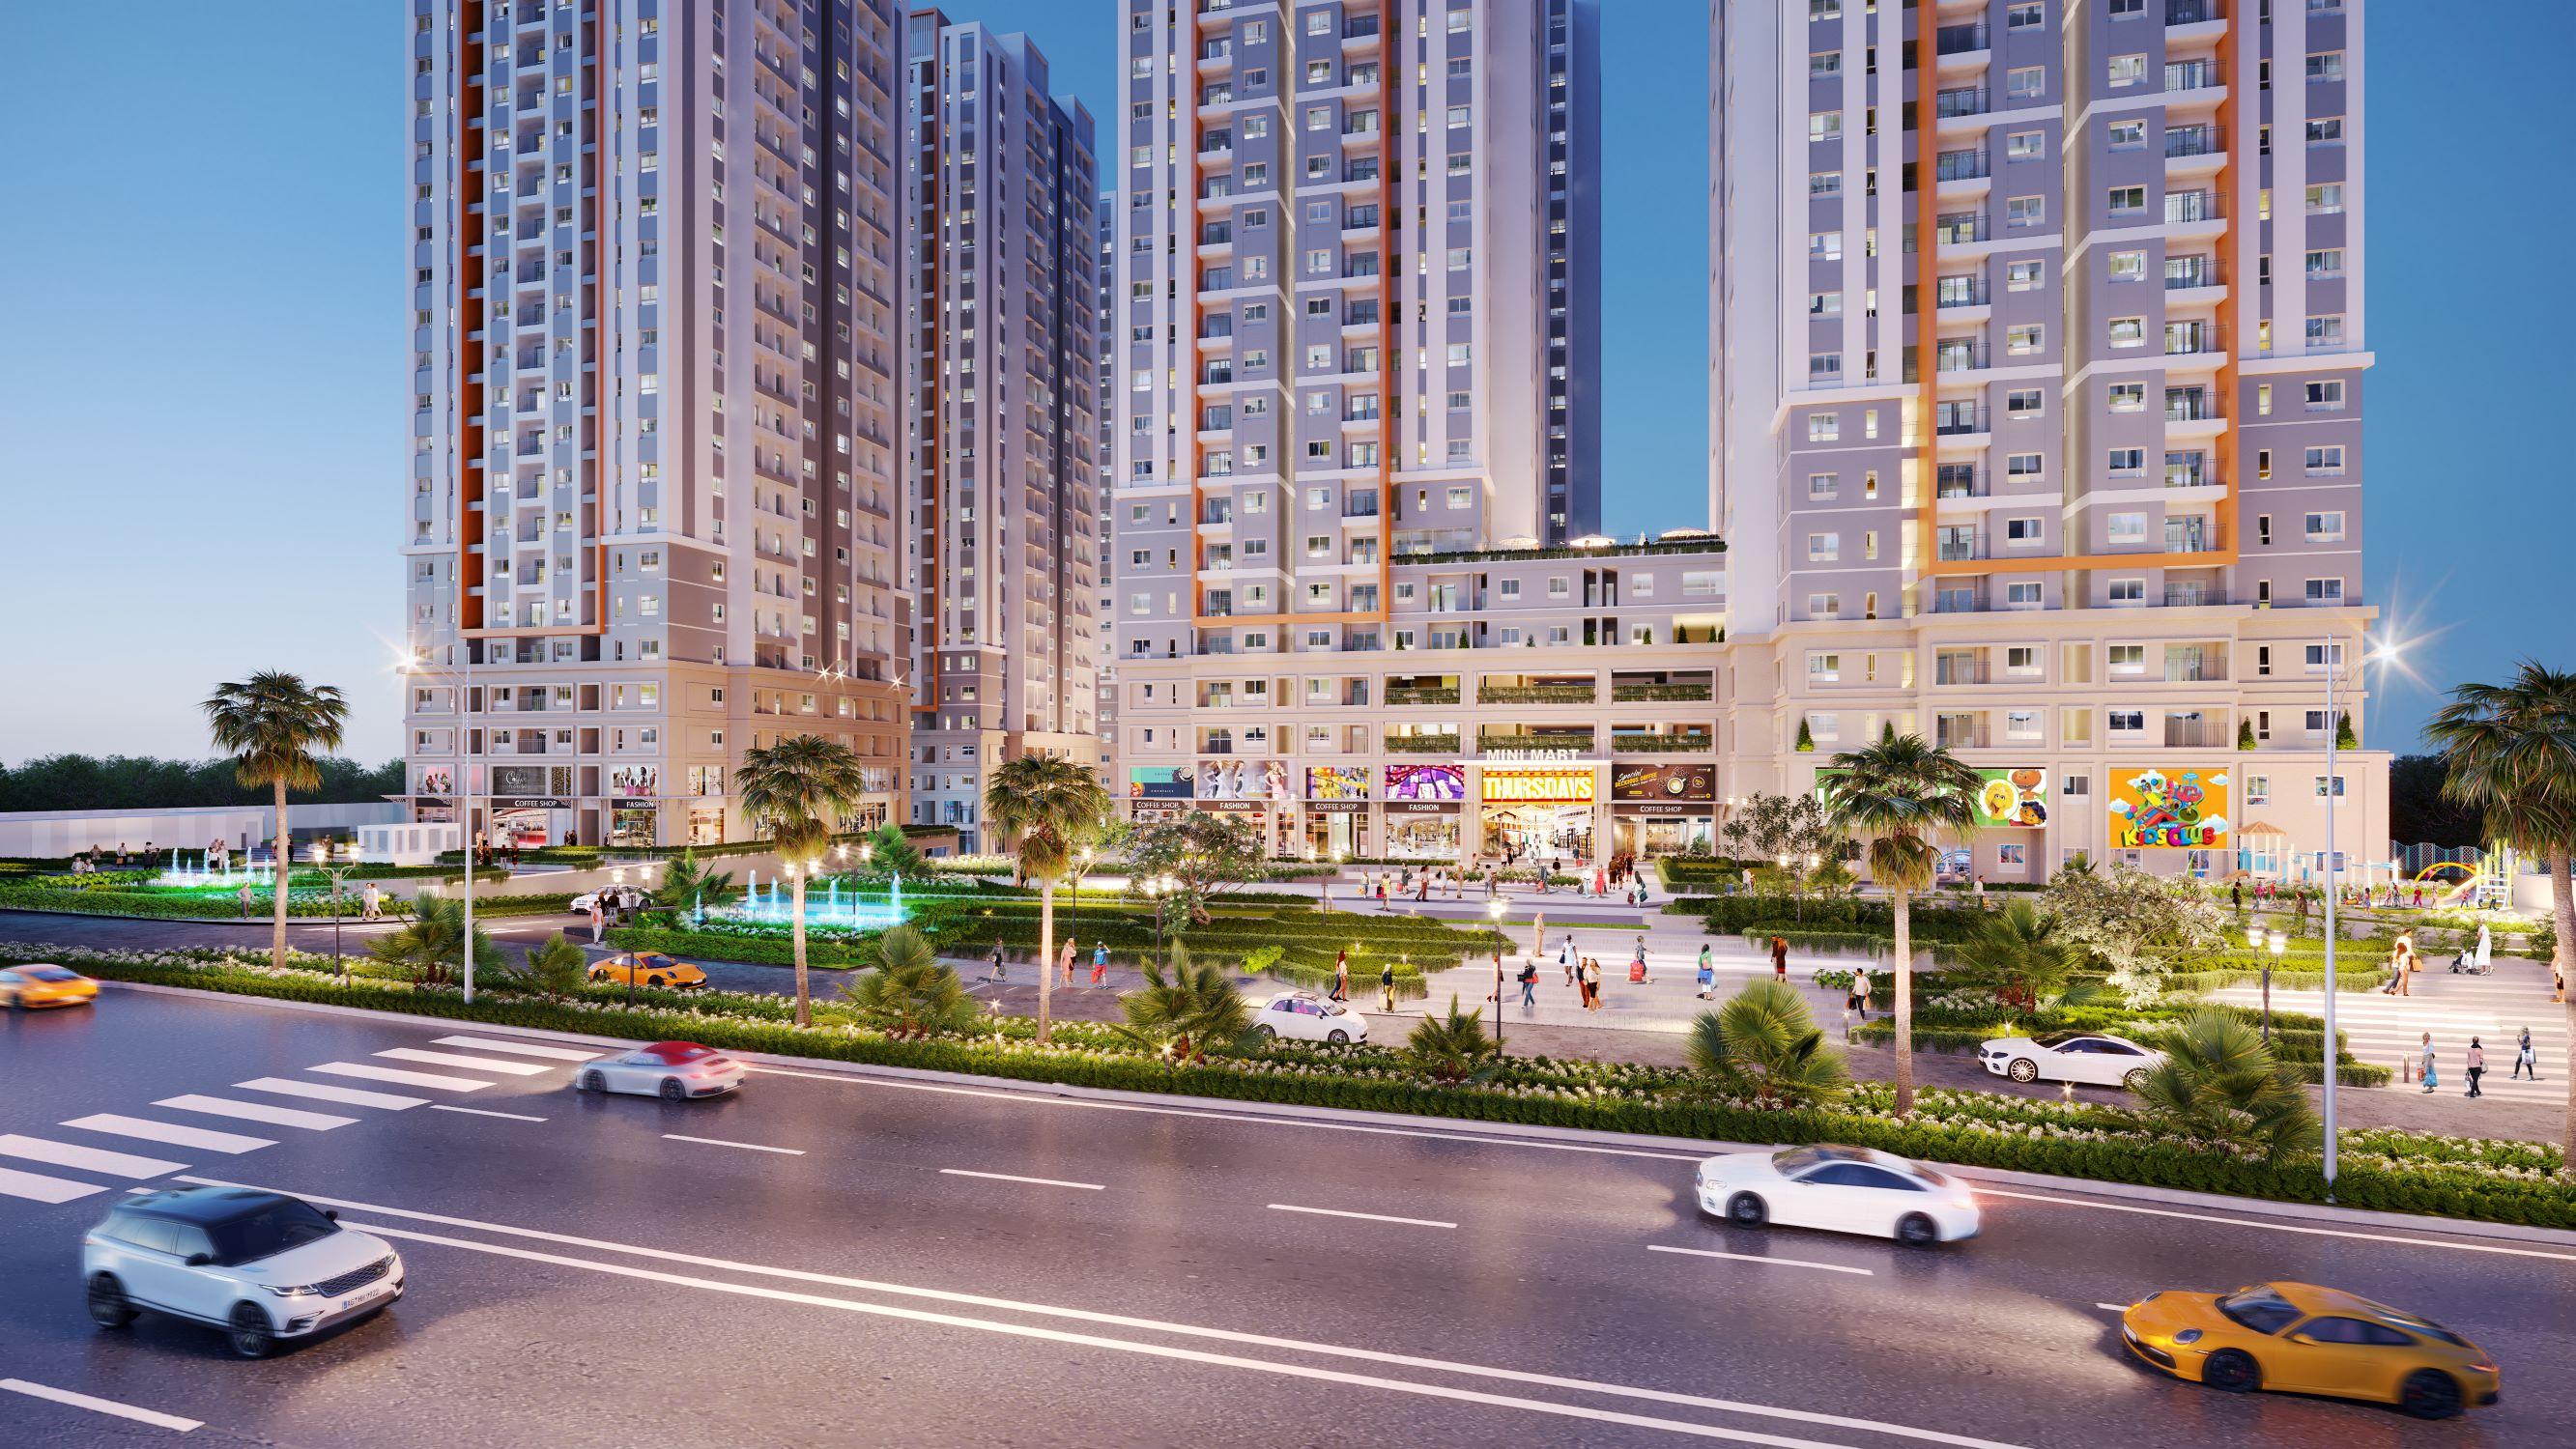 Sức hút bất động sản căn hộ tại Biên Hòa  - Ảnh 1